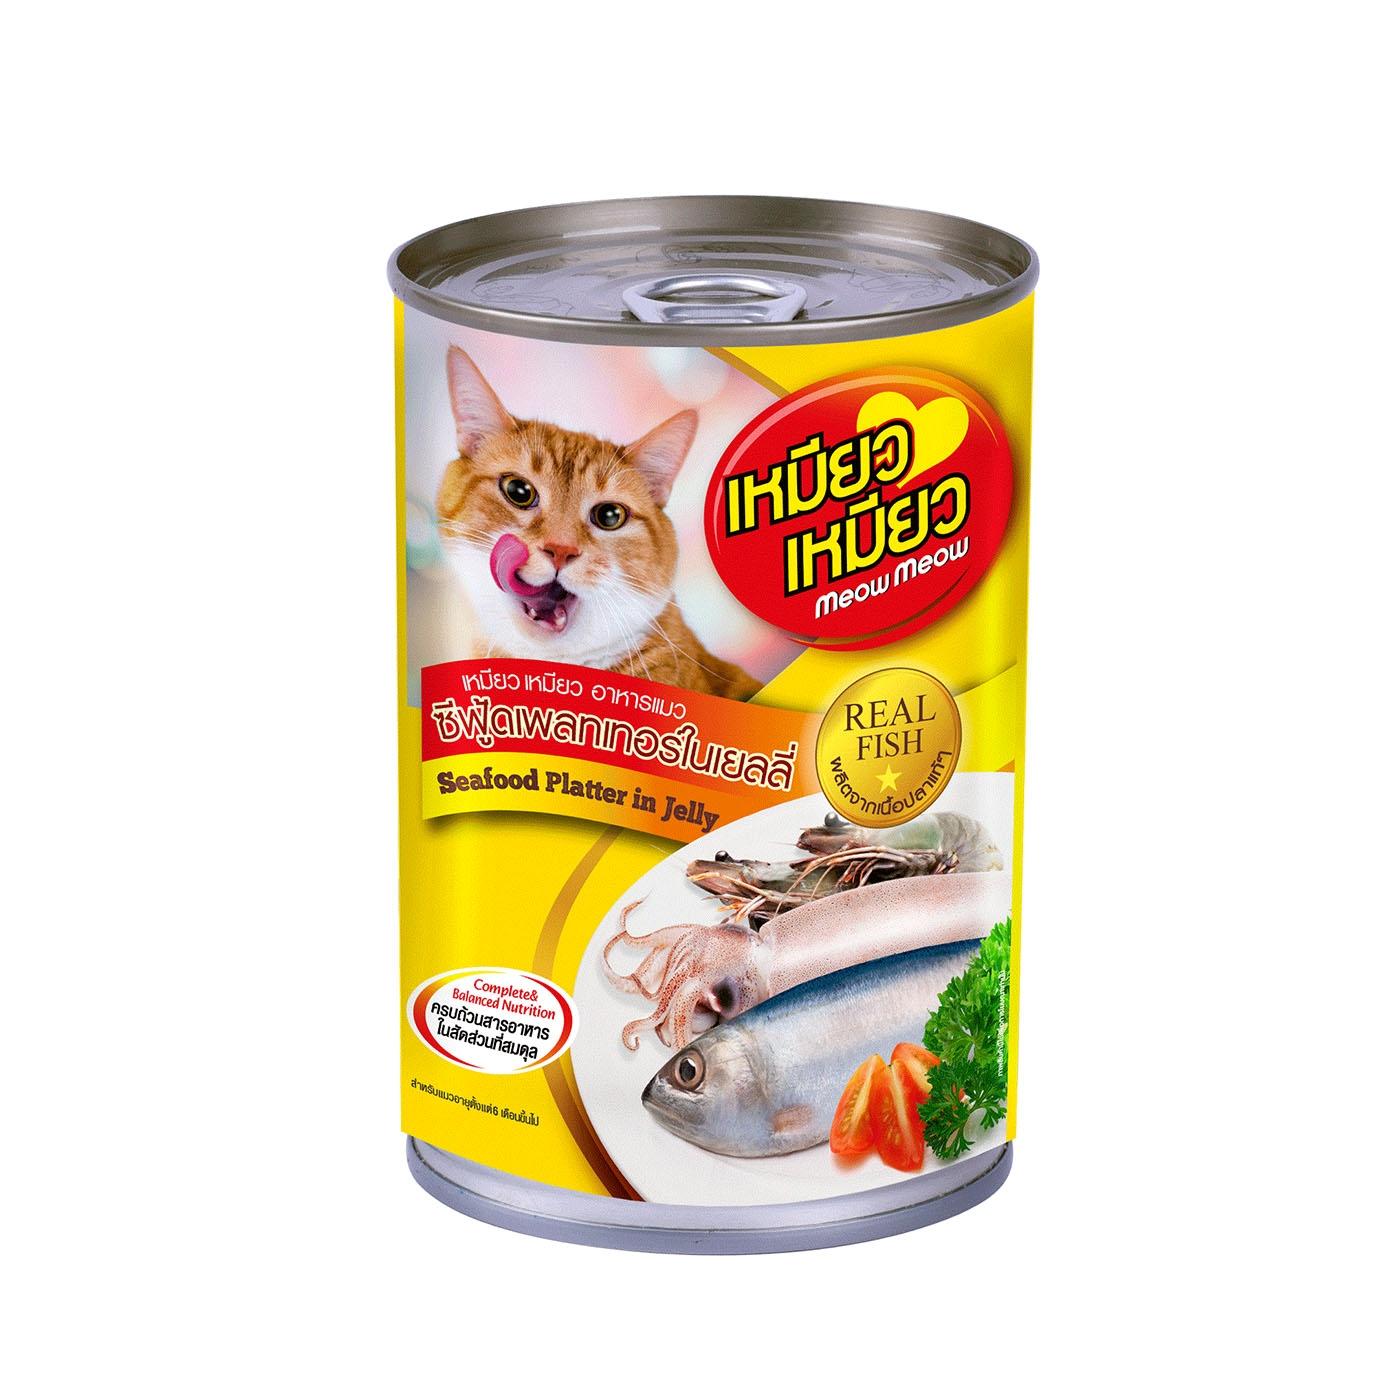 อาหารเปียก เหมียว เหมียว รสซีฟู้ด 24กระปุก ส่งฟรี